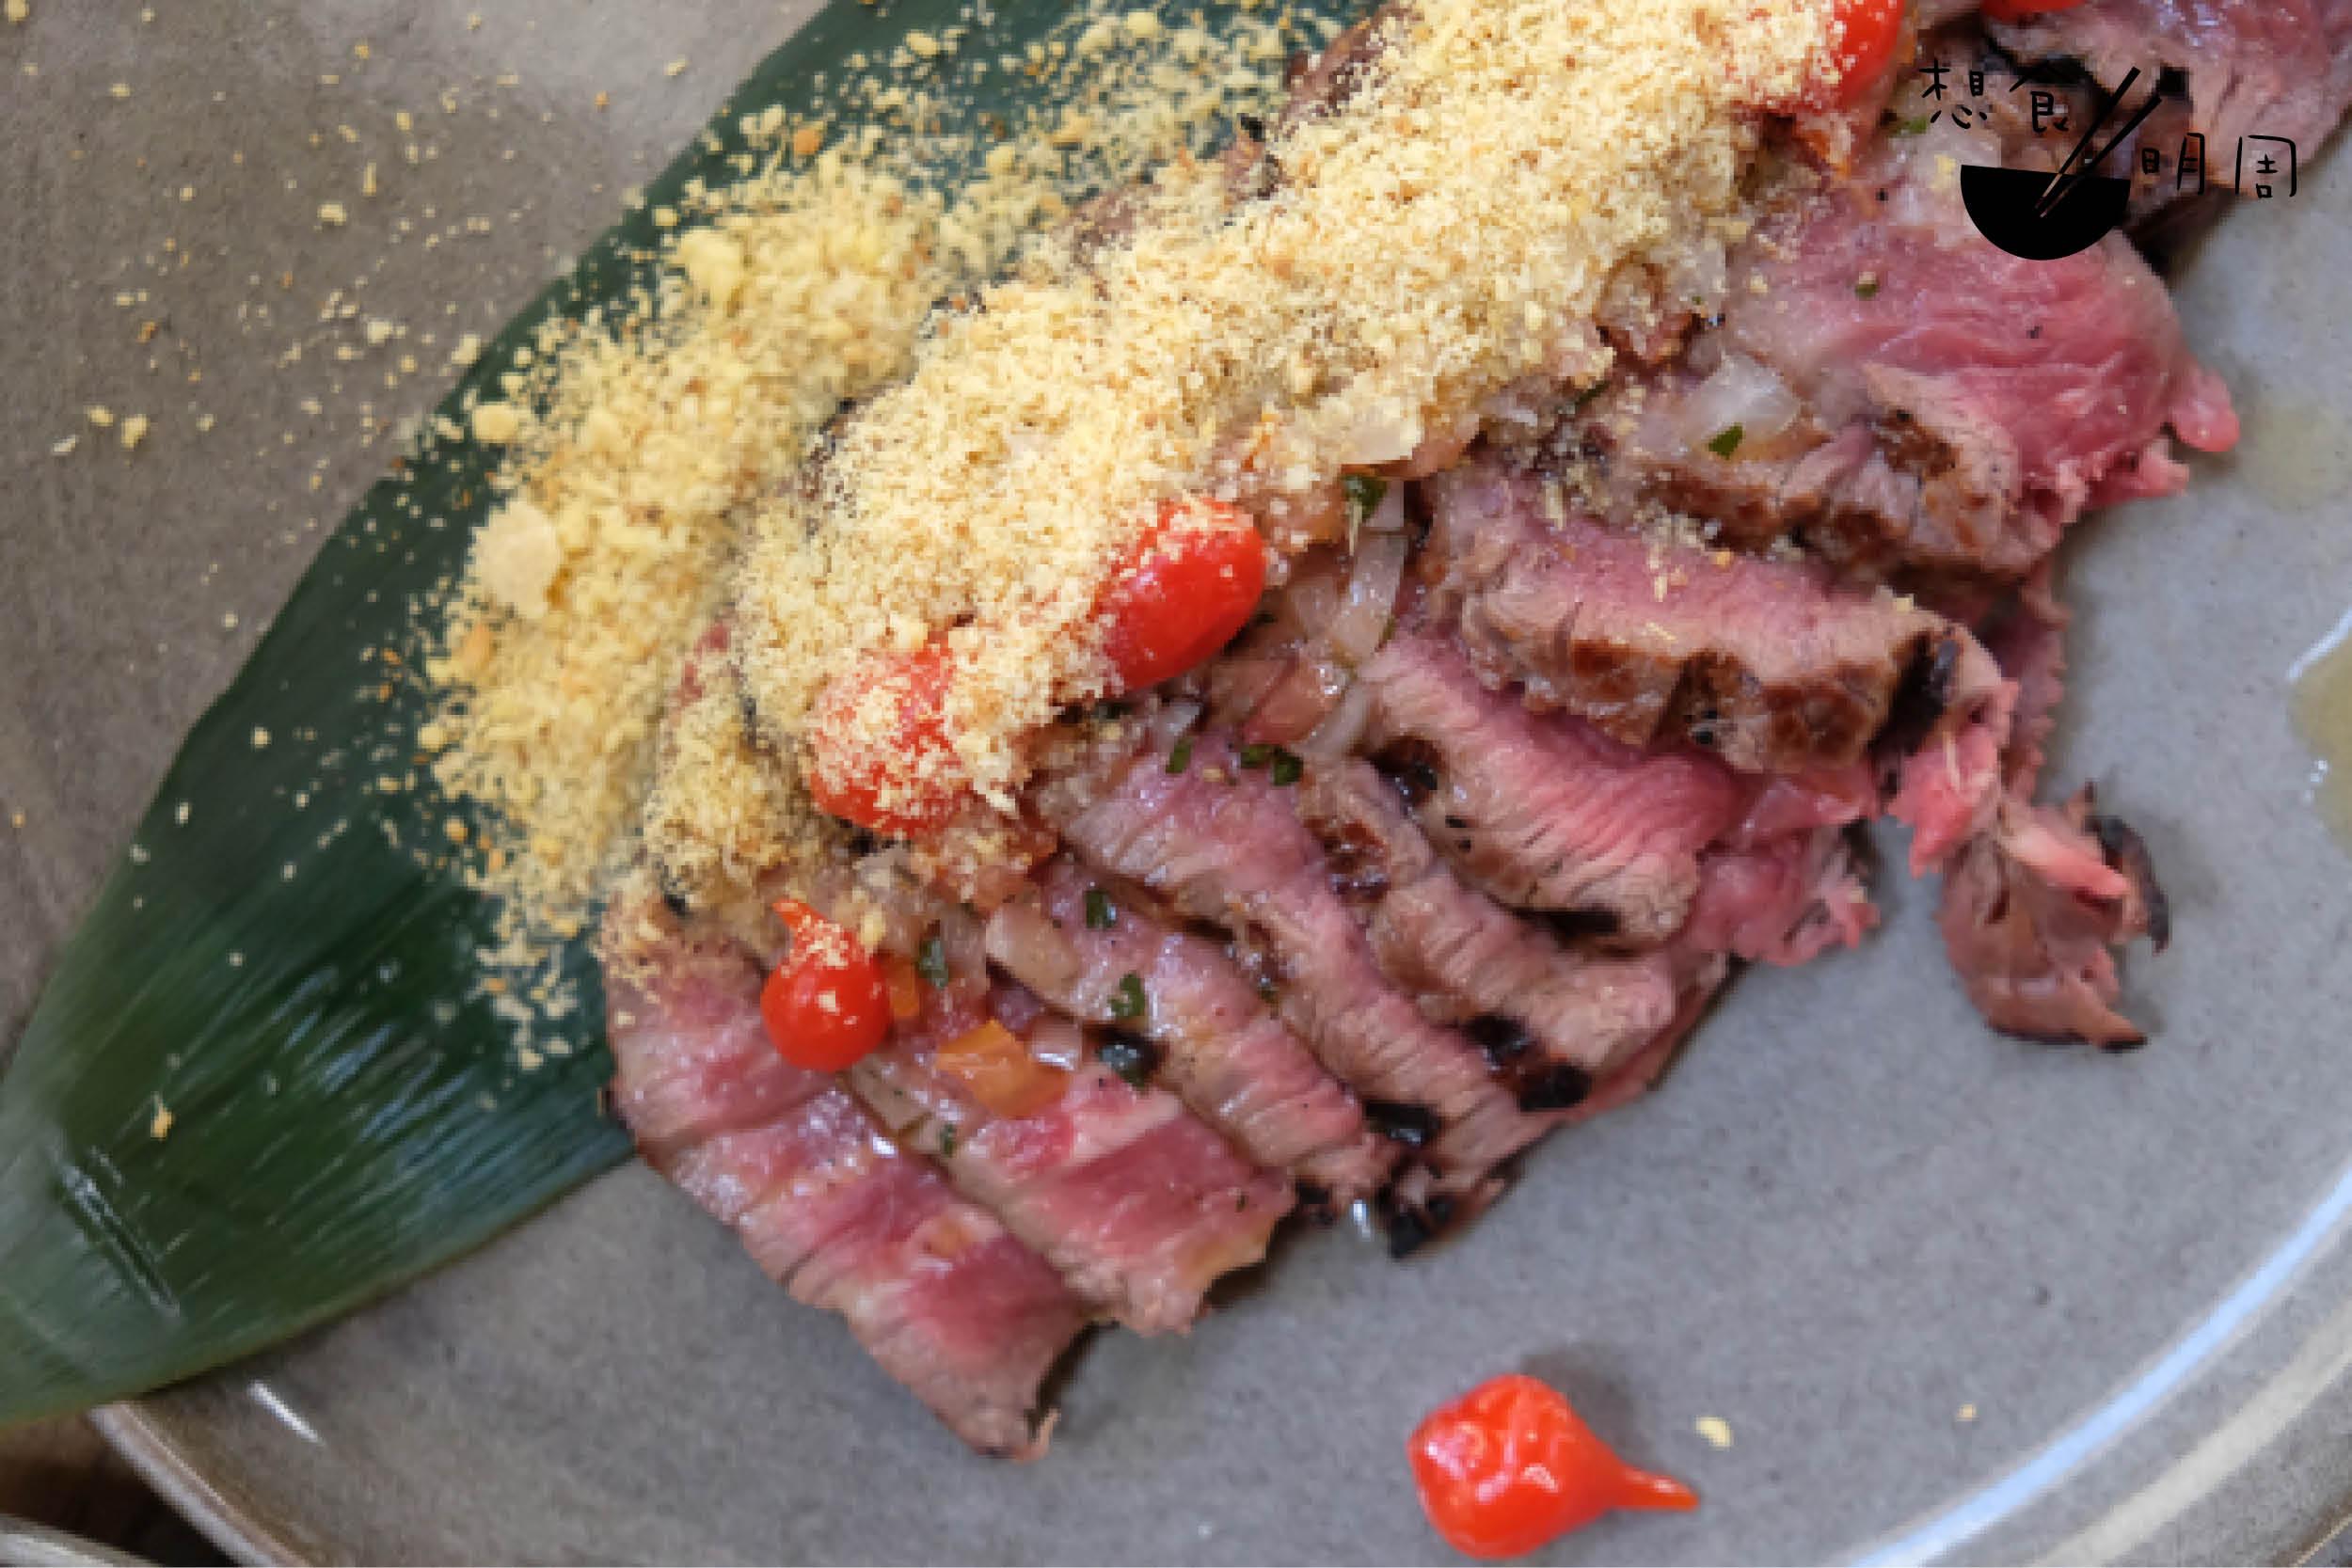 鹽燒牛脊肉配烤木薯粉